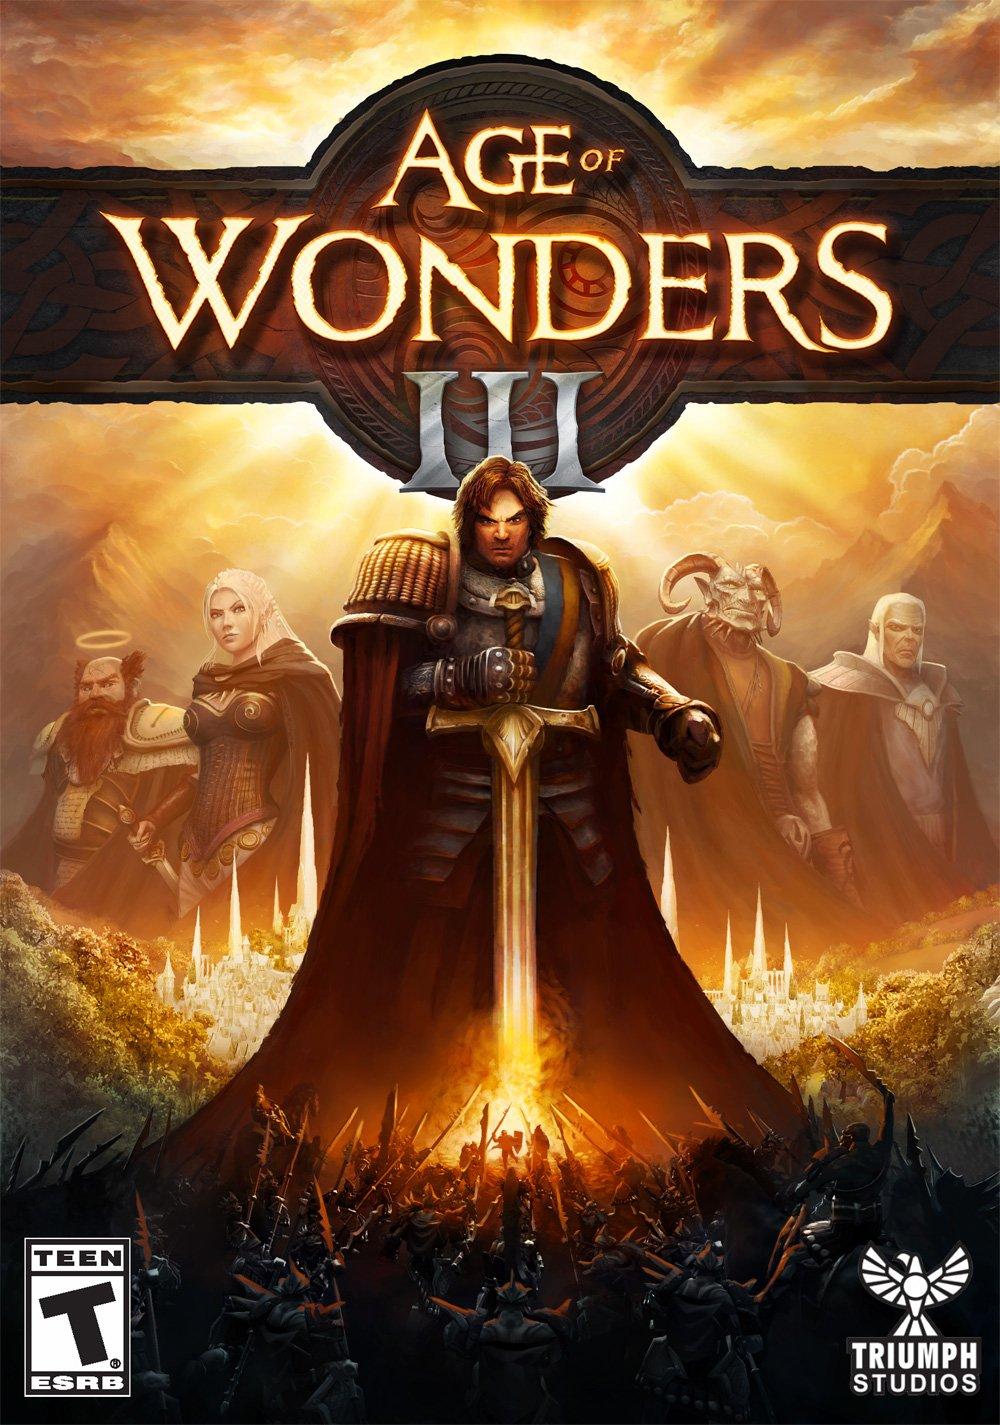 Age of Wonders III Windows PC Game Download Steam CD-Key Global